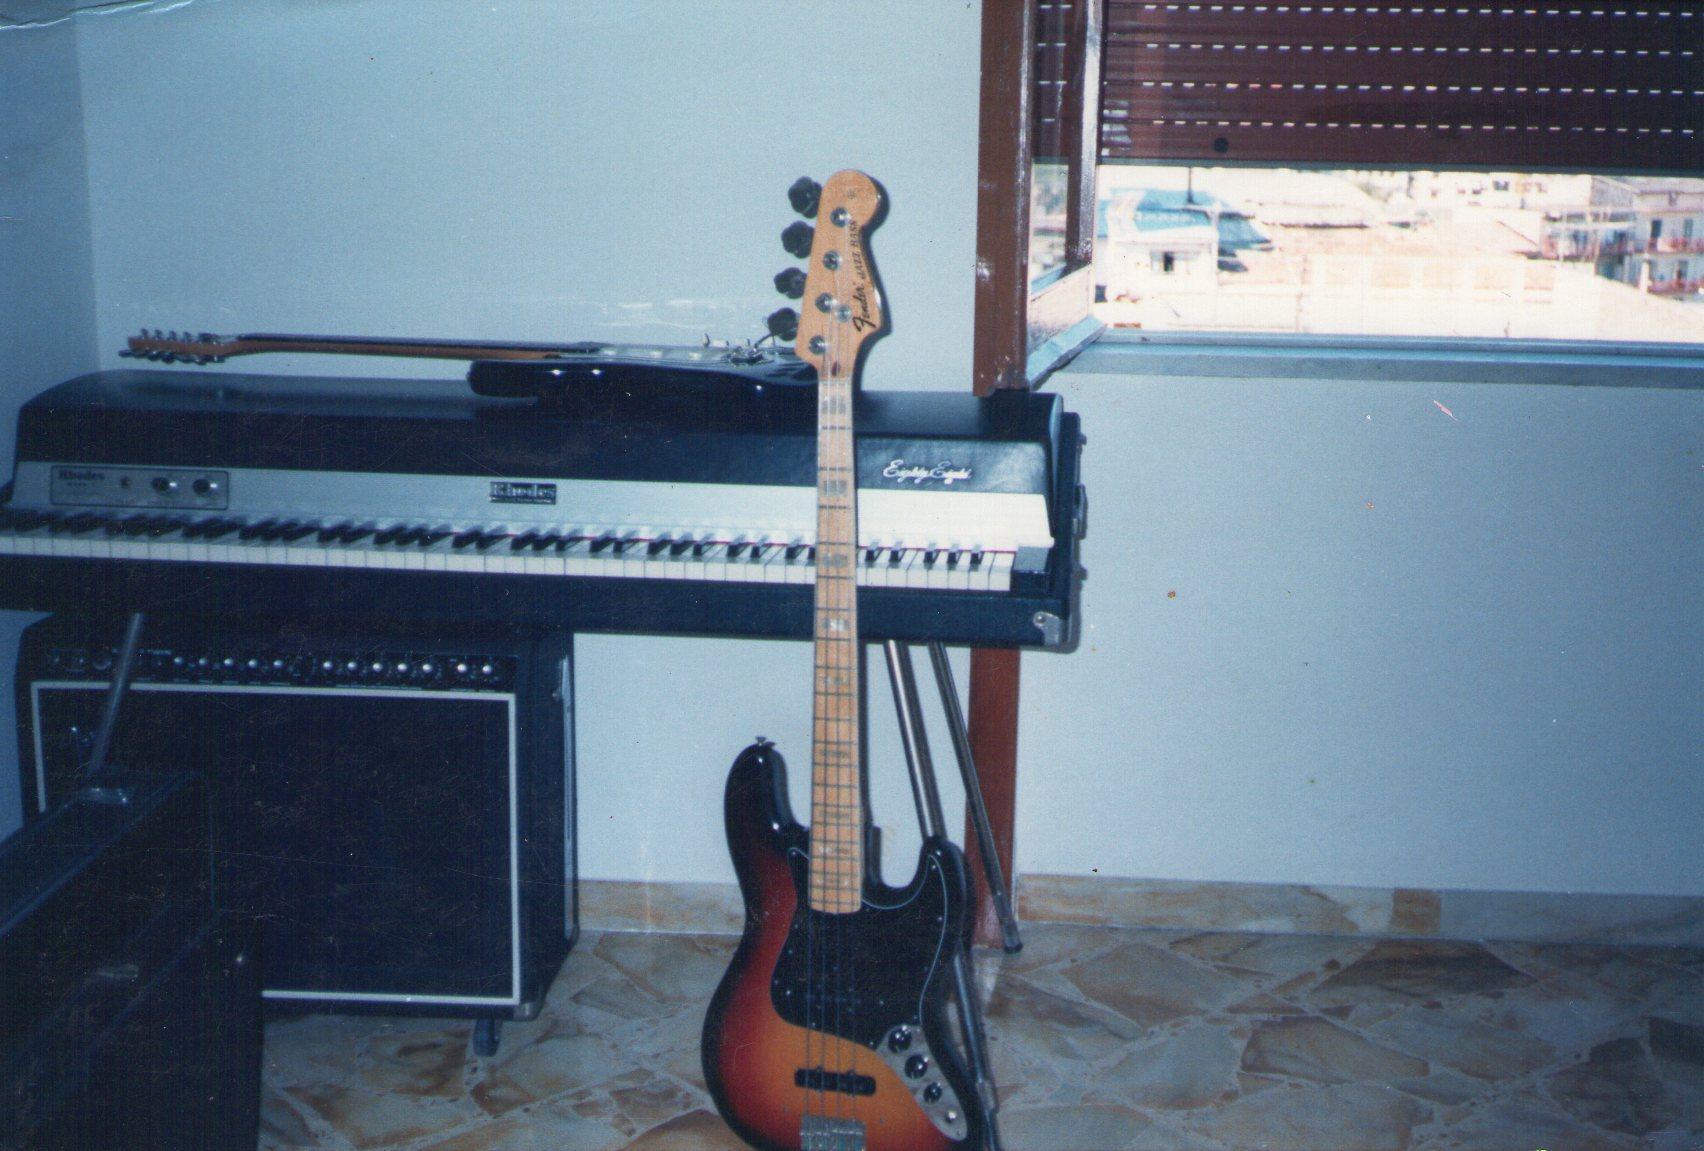 Volendo simulare le tastiere con una chitarra in maniera semplice!